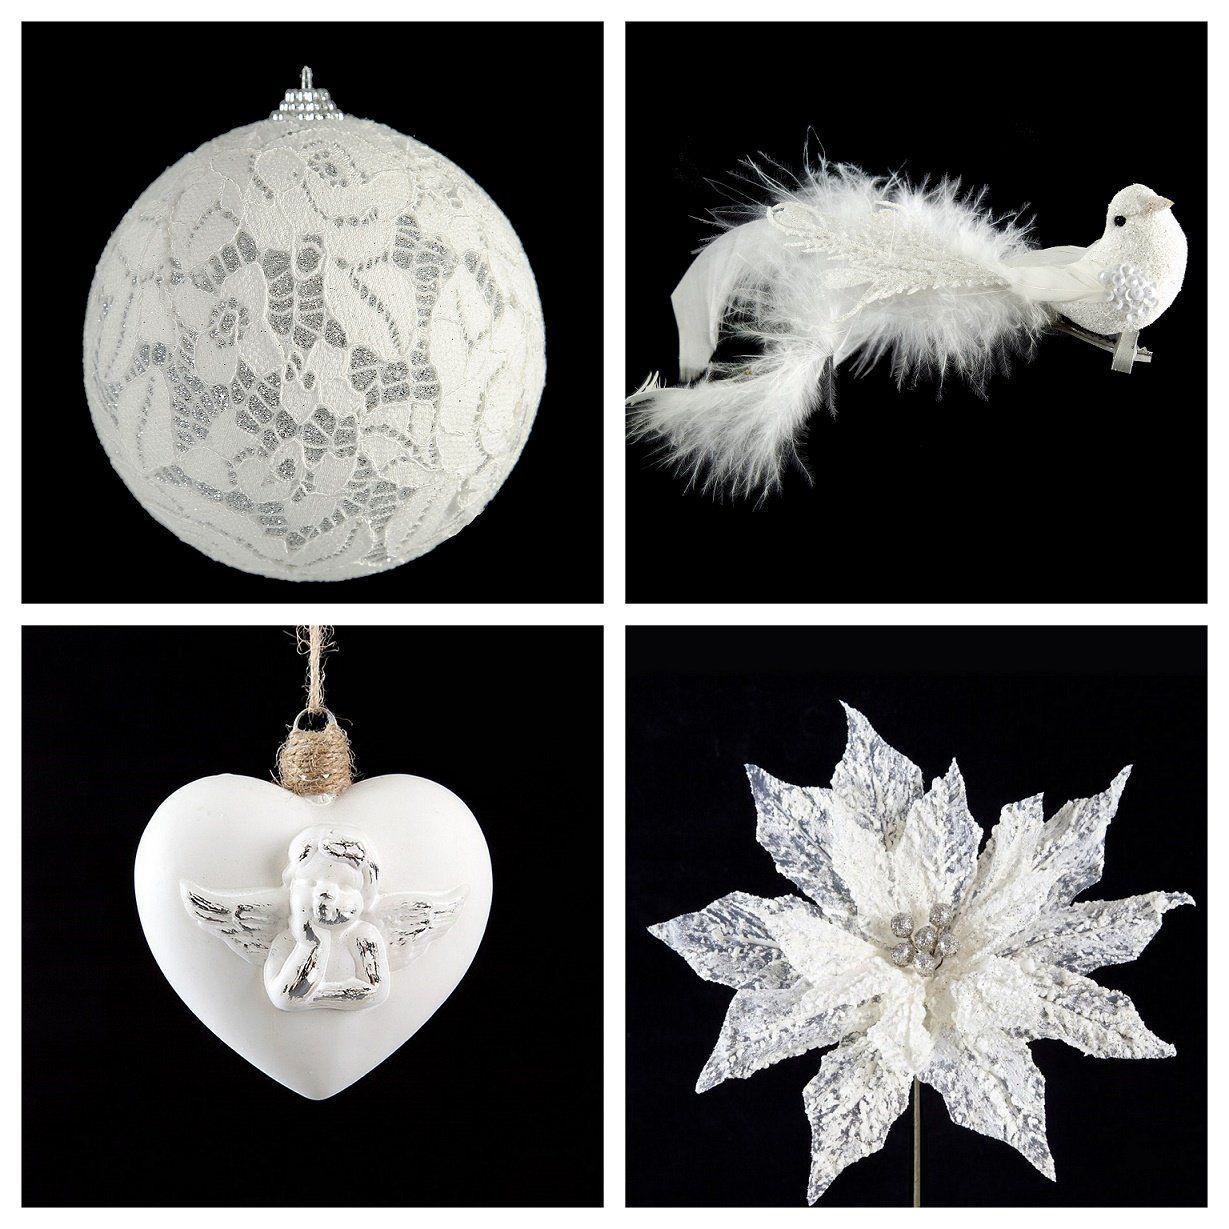 Kwiaty Bombki Ozdoby Swiateczne Choinka Eurofirany 6570038450 Oficjalne Archiwum Allegro Christmas Ornaments Christmas Holiday Decor